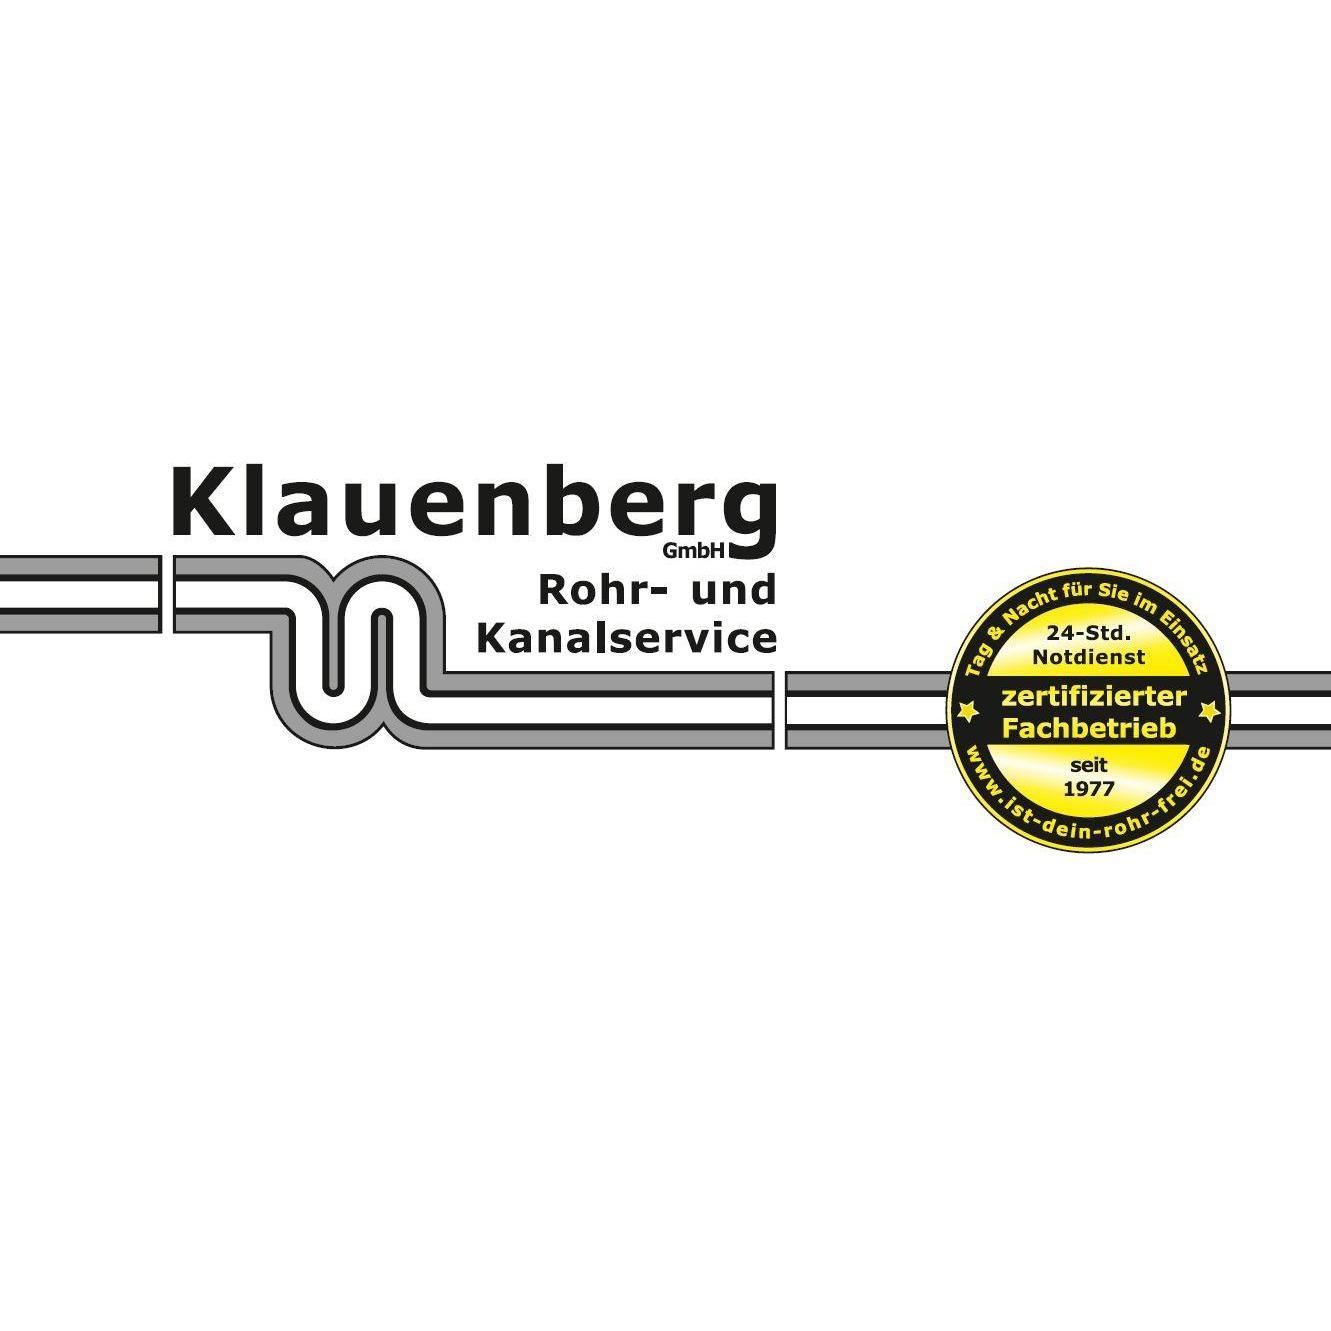 Bild zu Klauenberg GmbH Rohr- und Kanalservice in Braunschweig